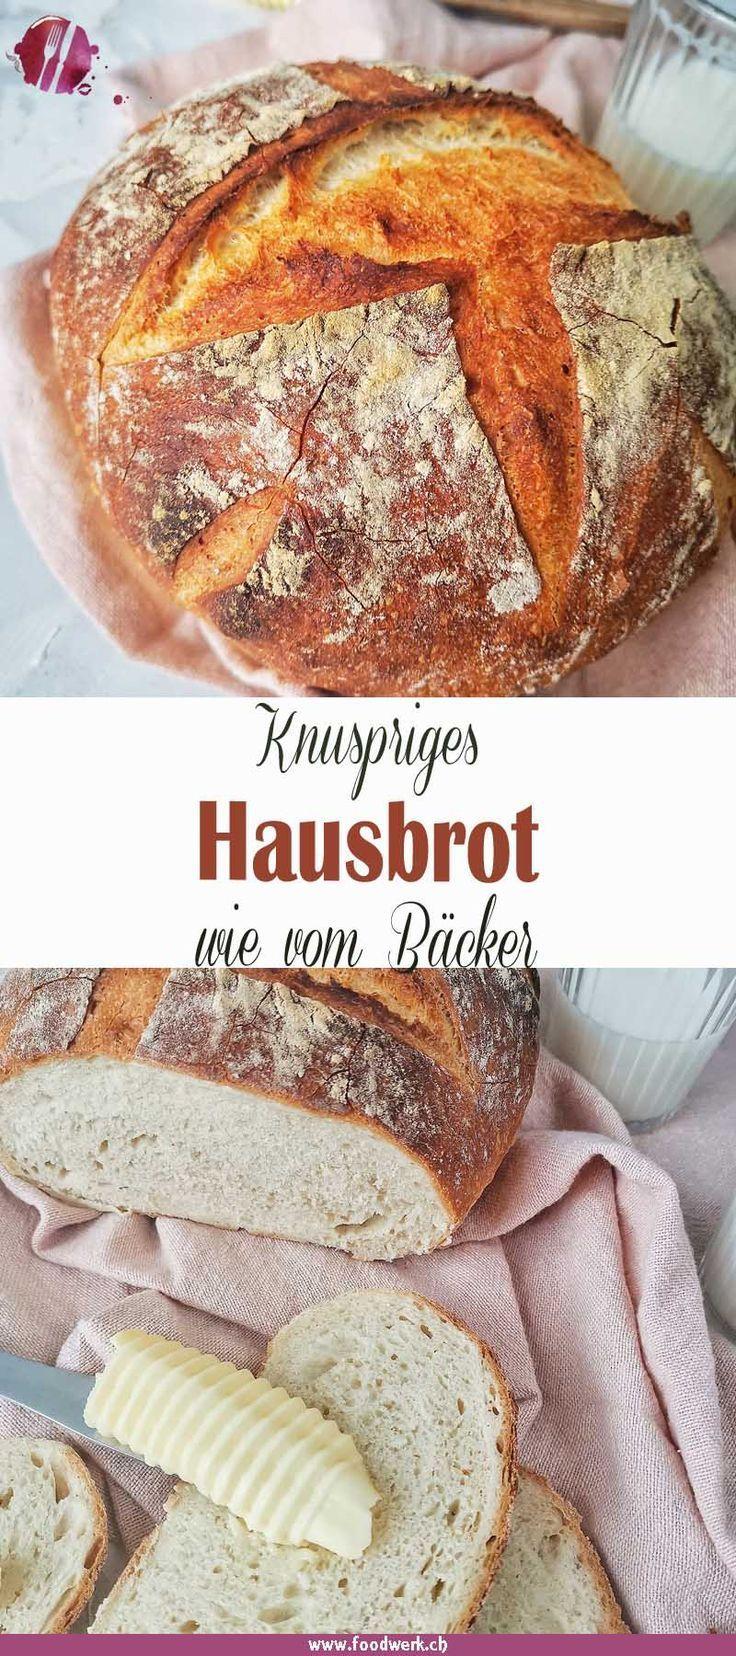 Herrlich knusprig  Einfaches Hausbrot wie vom Bäcker  FoodBlog Schweiz  Knuspriges Brot fast so wie vom Bäcker